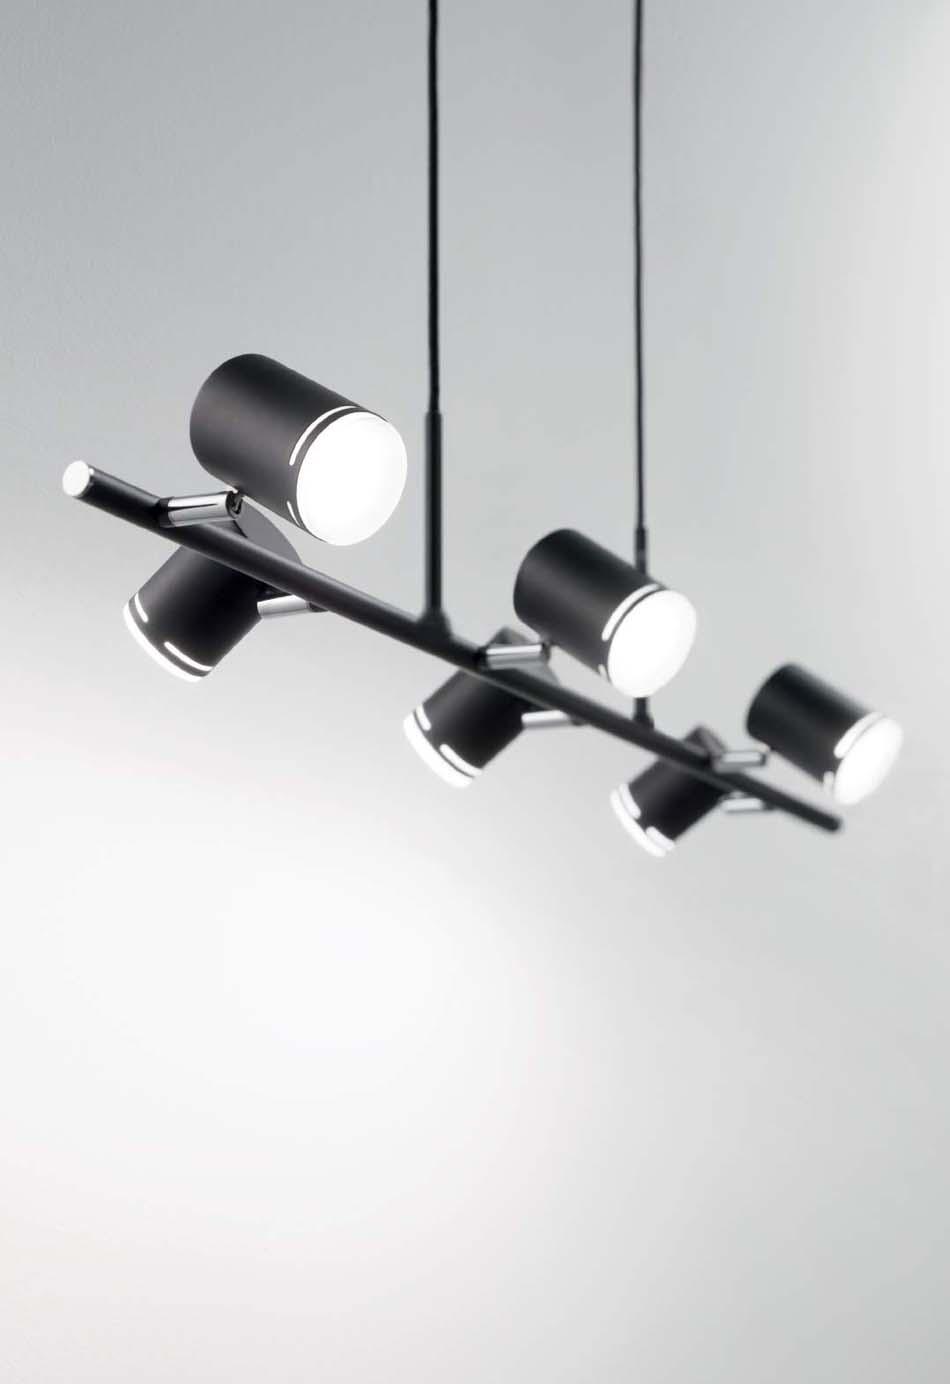 Lampade sospese Ideal Lux shots – Toscana Arredamenti